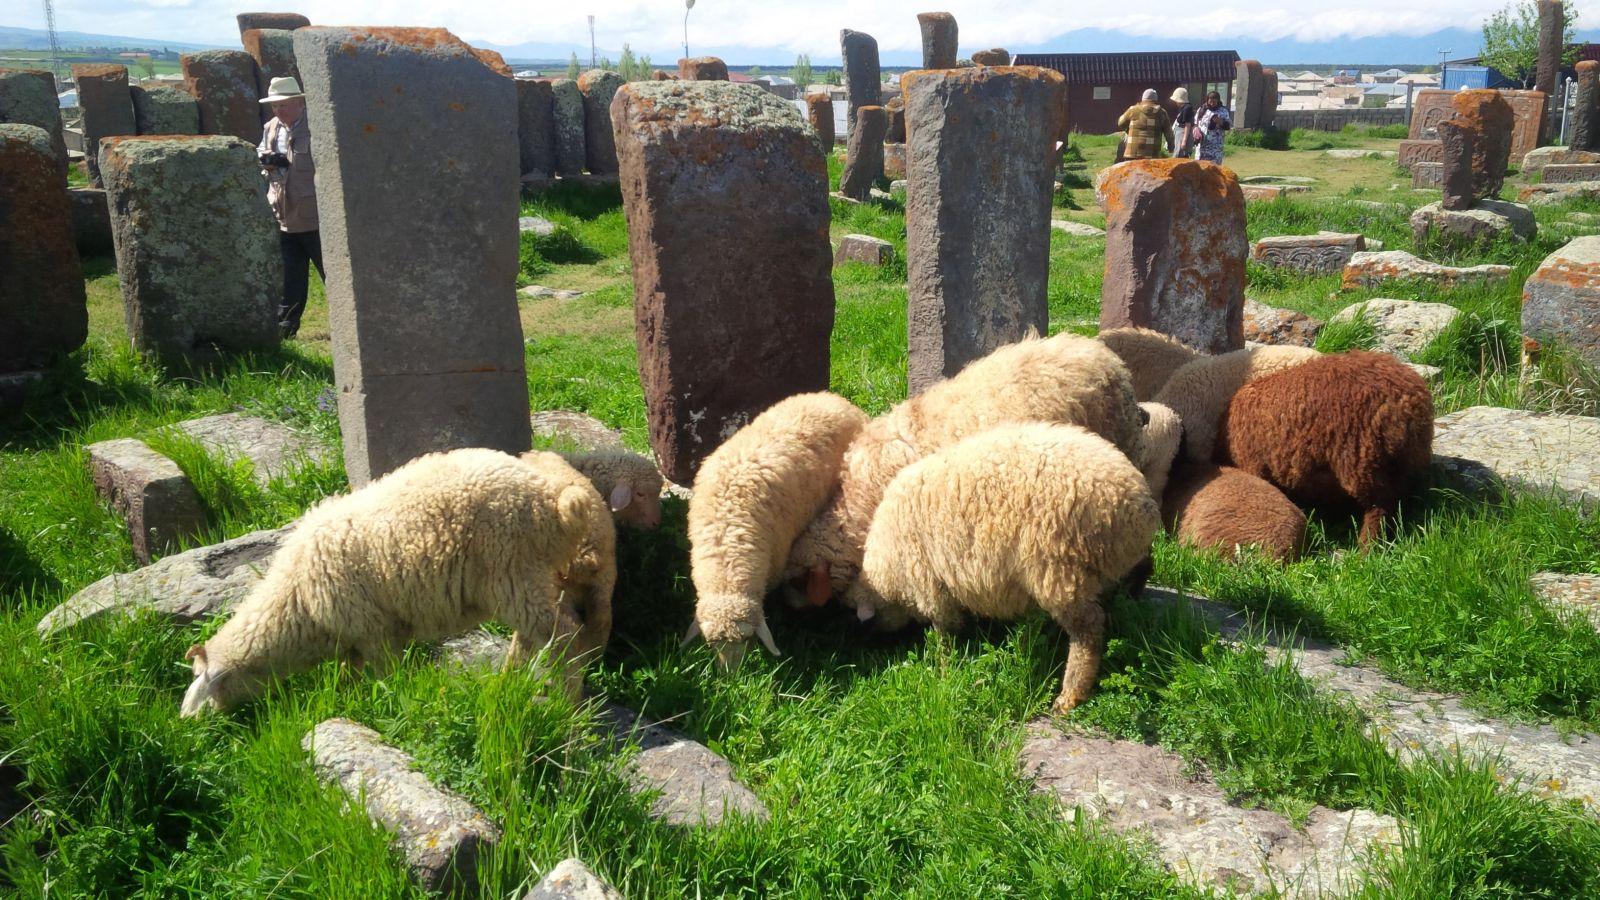 Schafherde im Friedhof Noratus